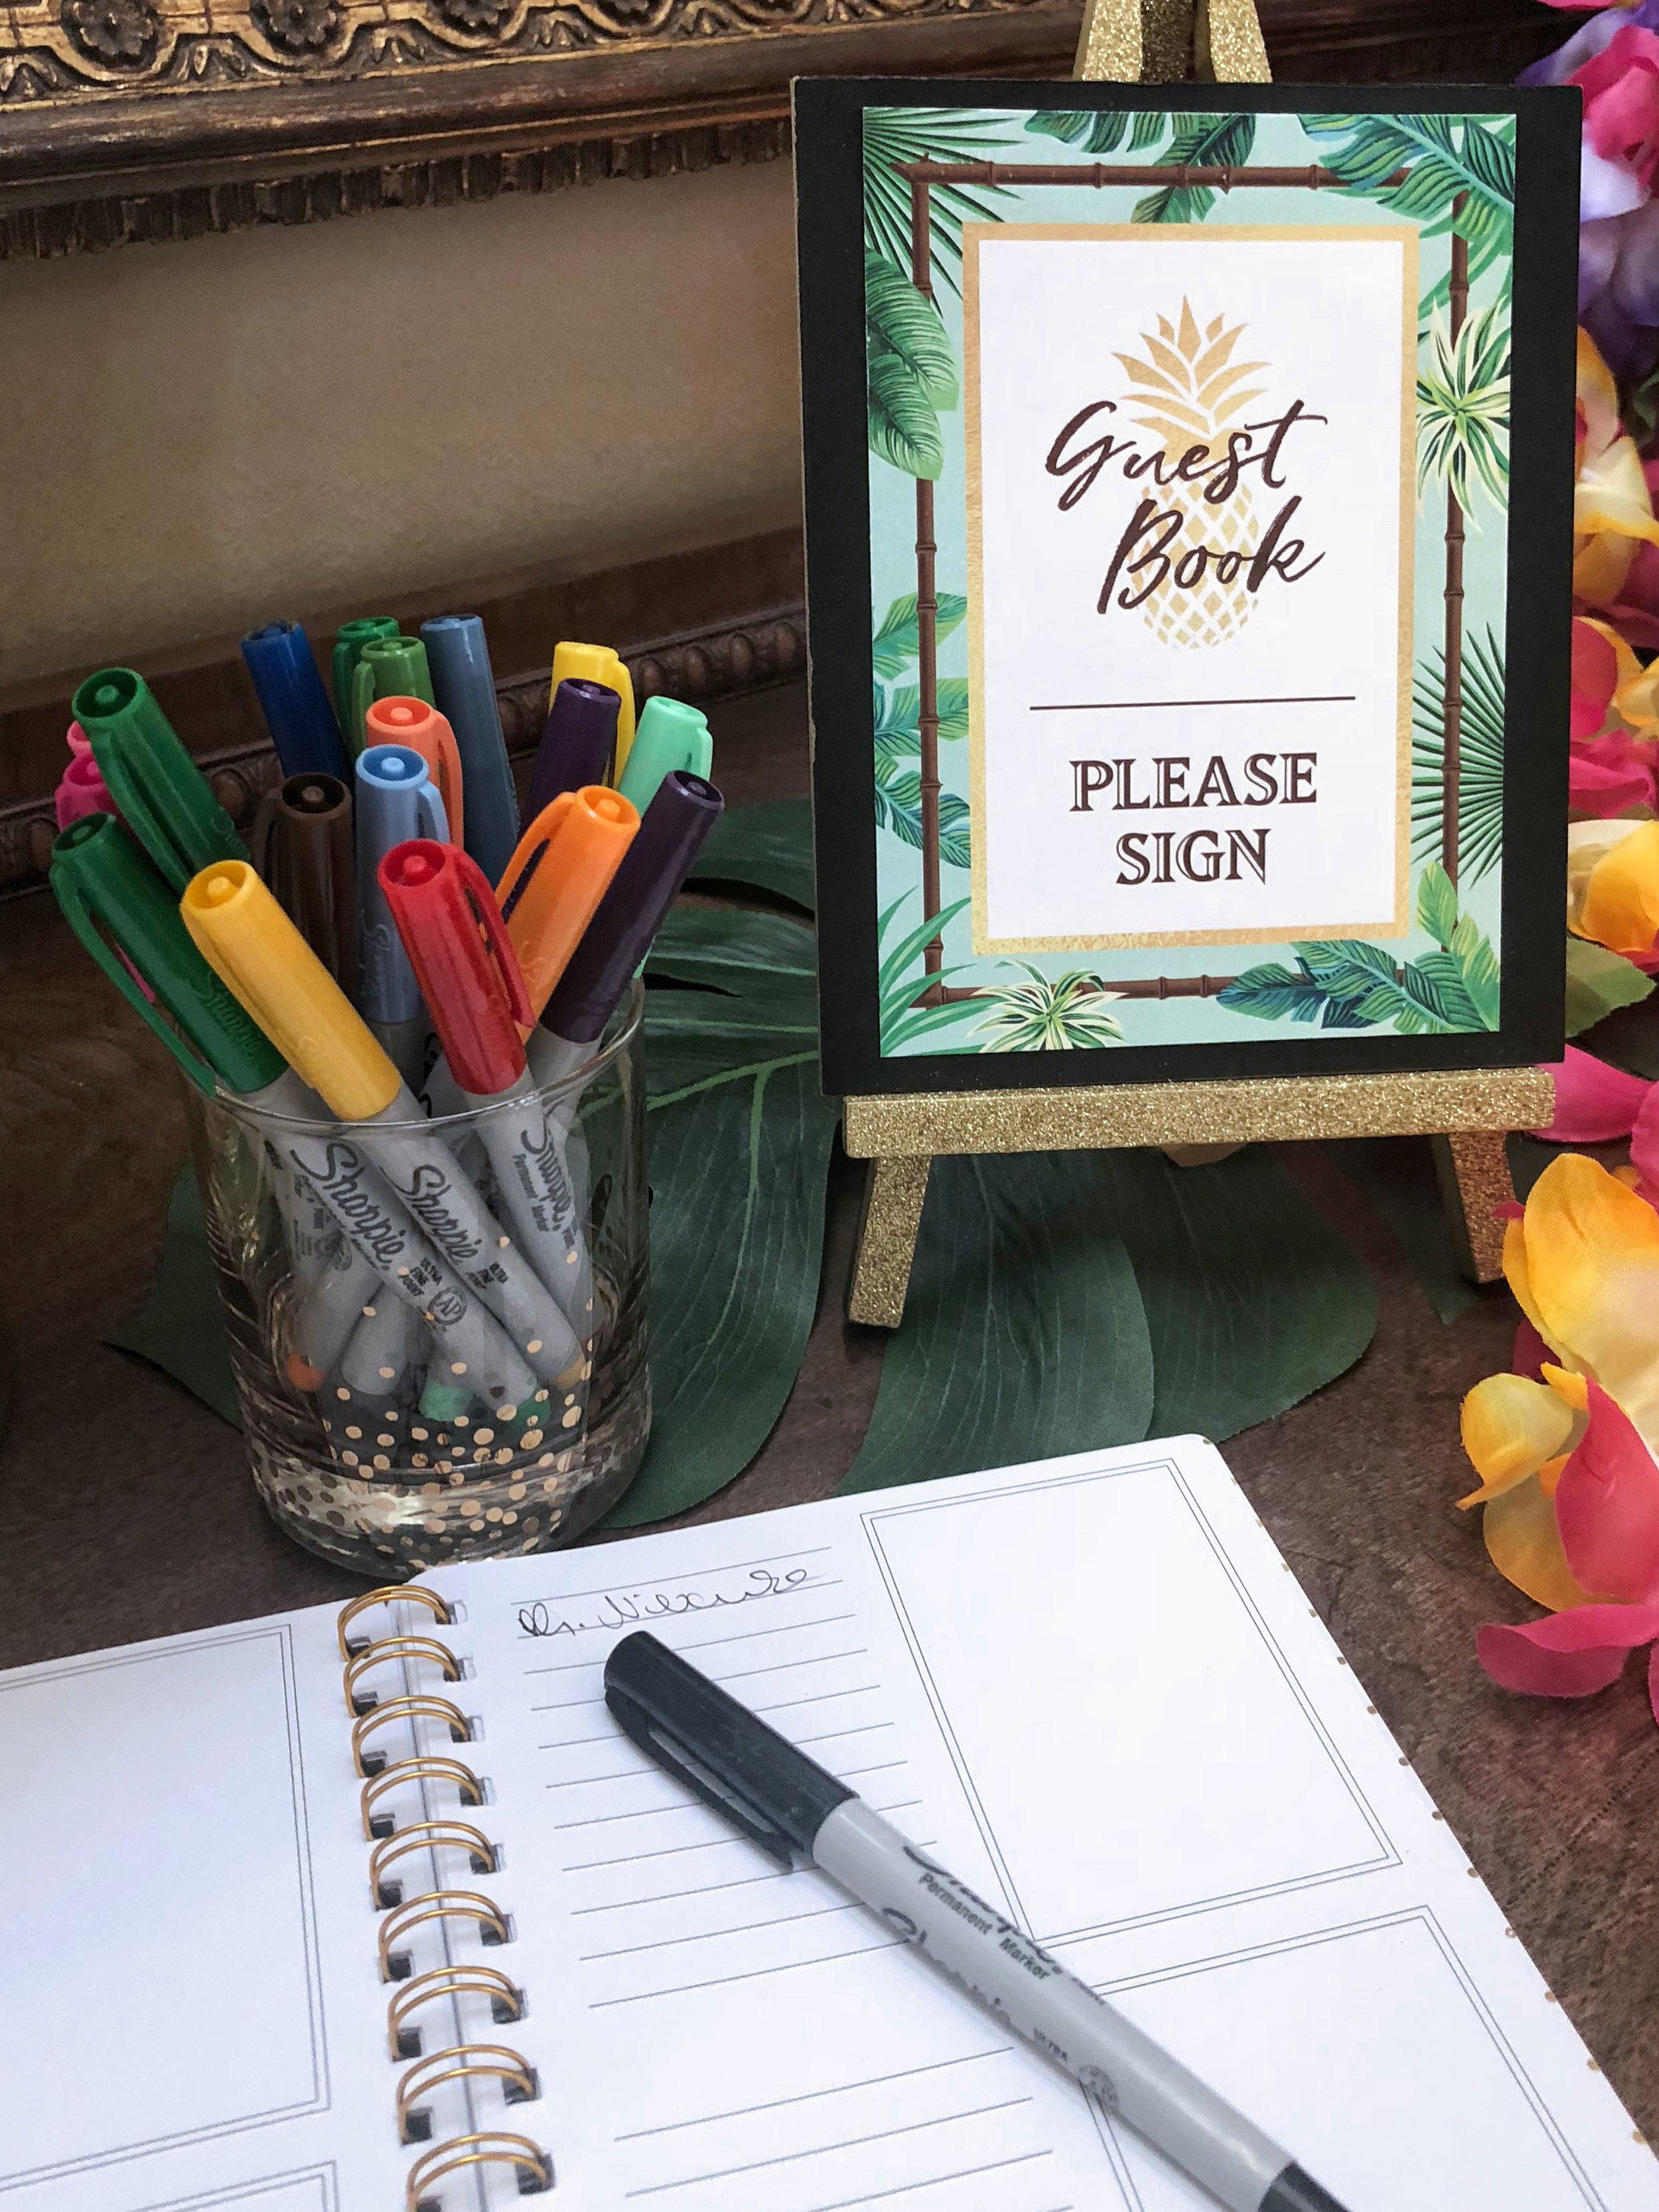 GuestBook_Image.jpg